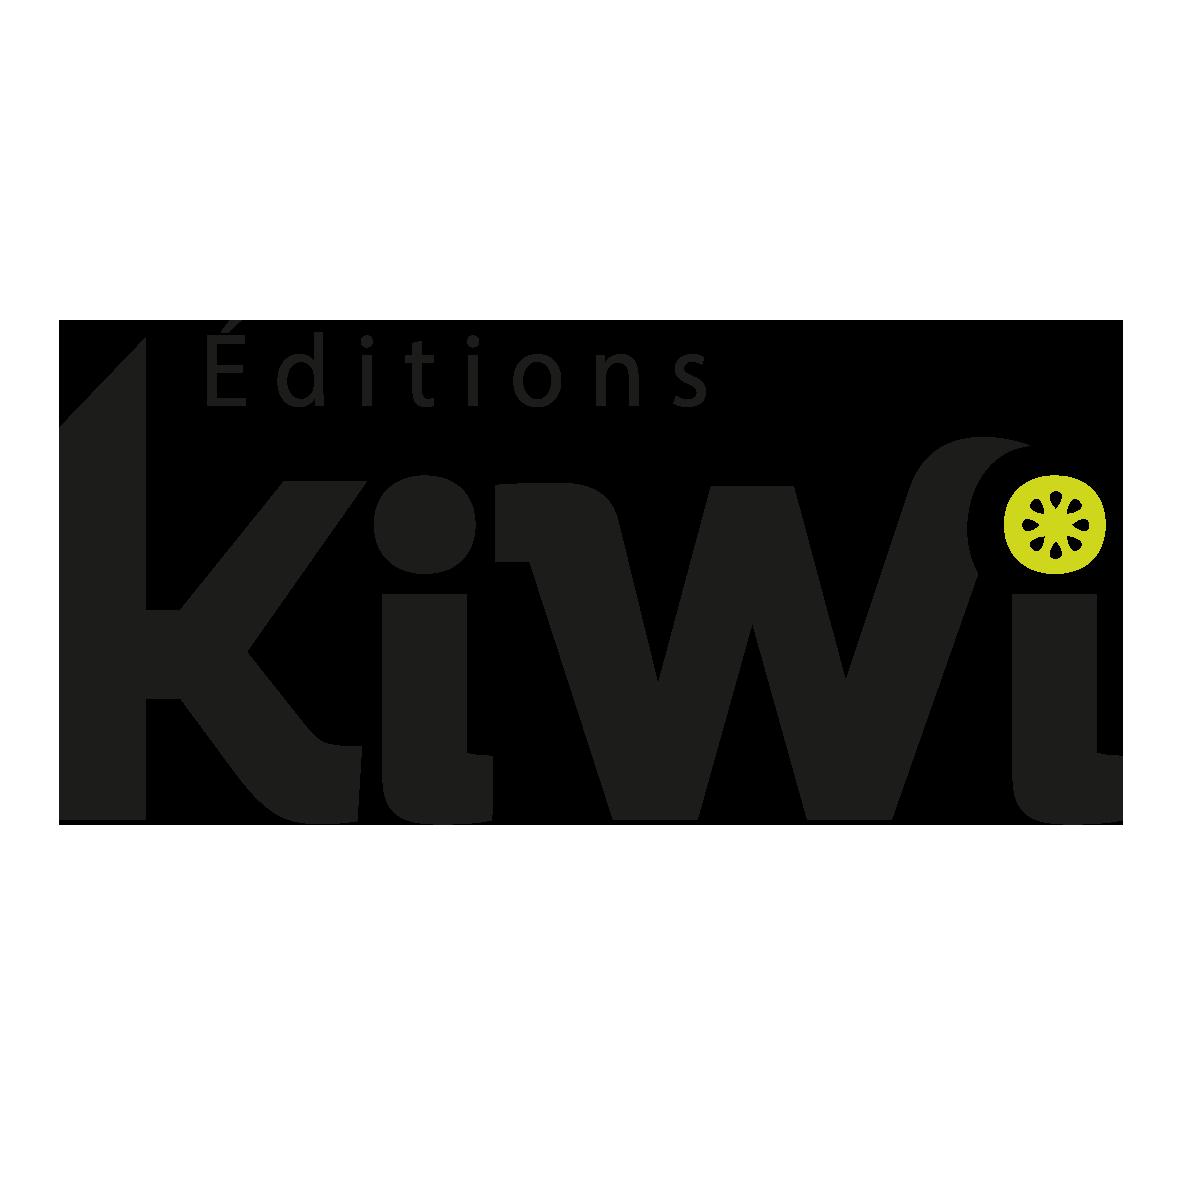 De trois personnes au lancement de Kiwi, l'équipe est maintenant constitué d'une quinzaine de personnes. ©DR